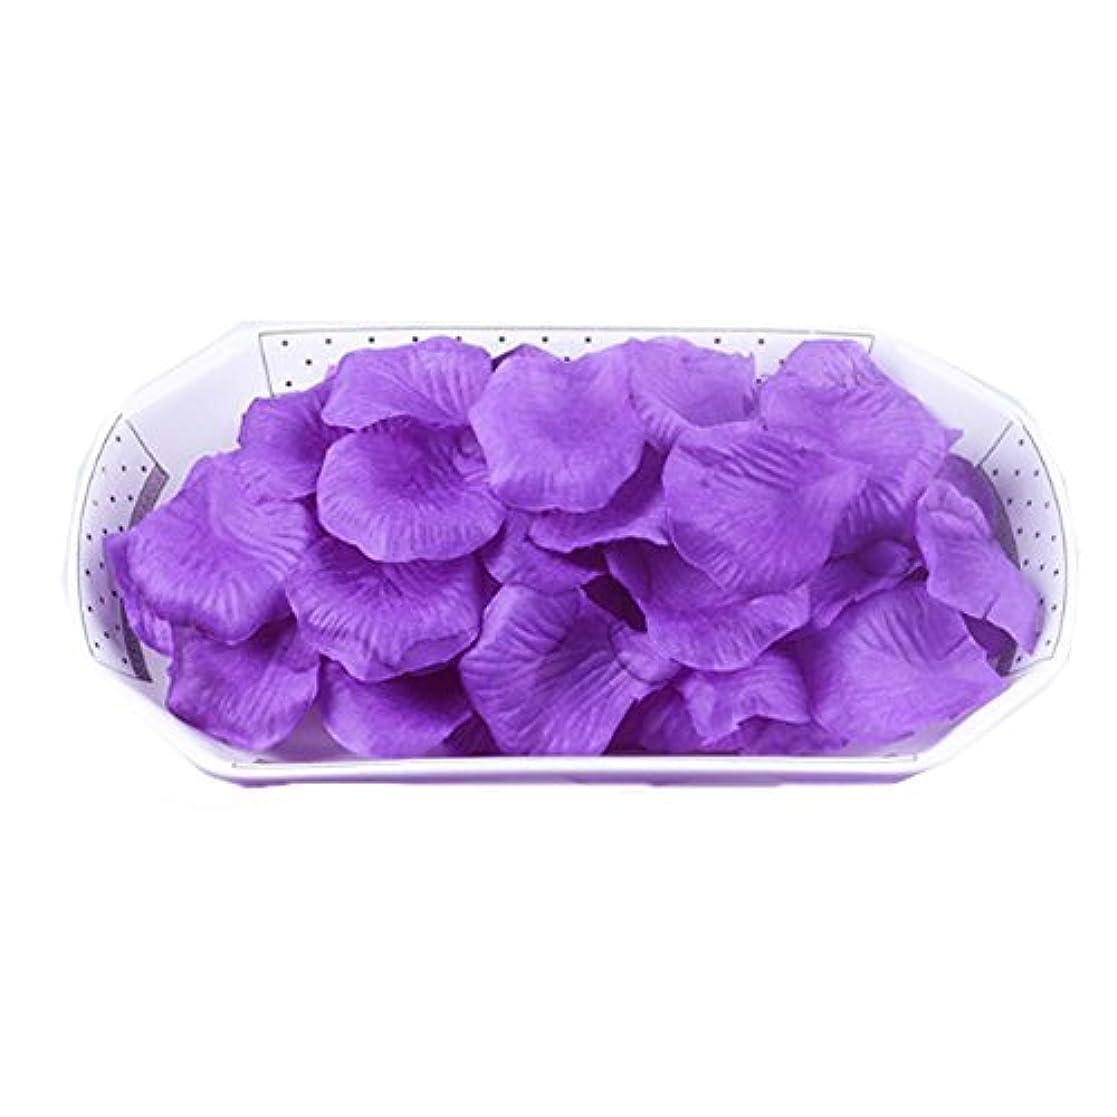 ブリーク港フレキシブル結婚式の装飾のための人工花の花びら紫2000 PC